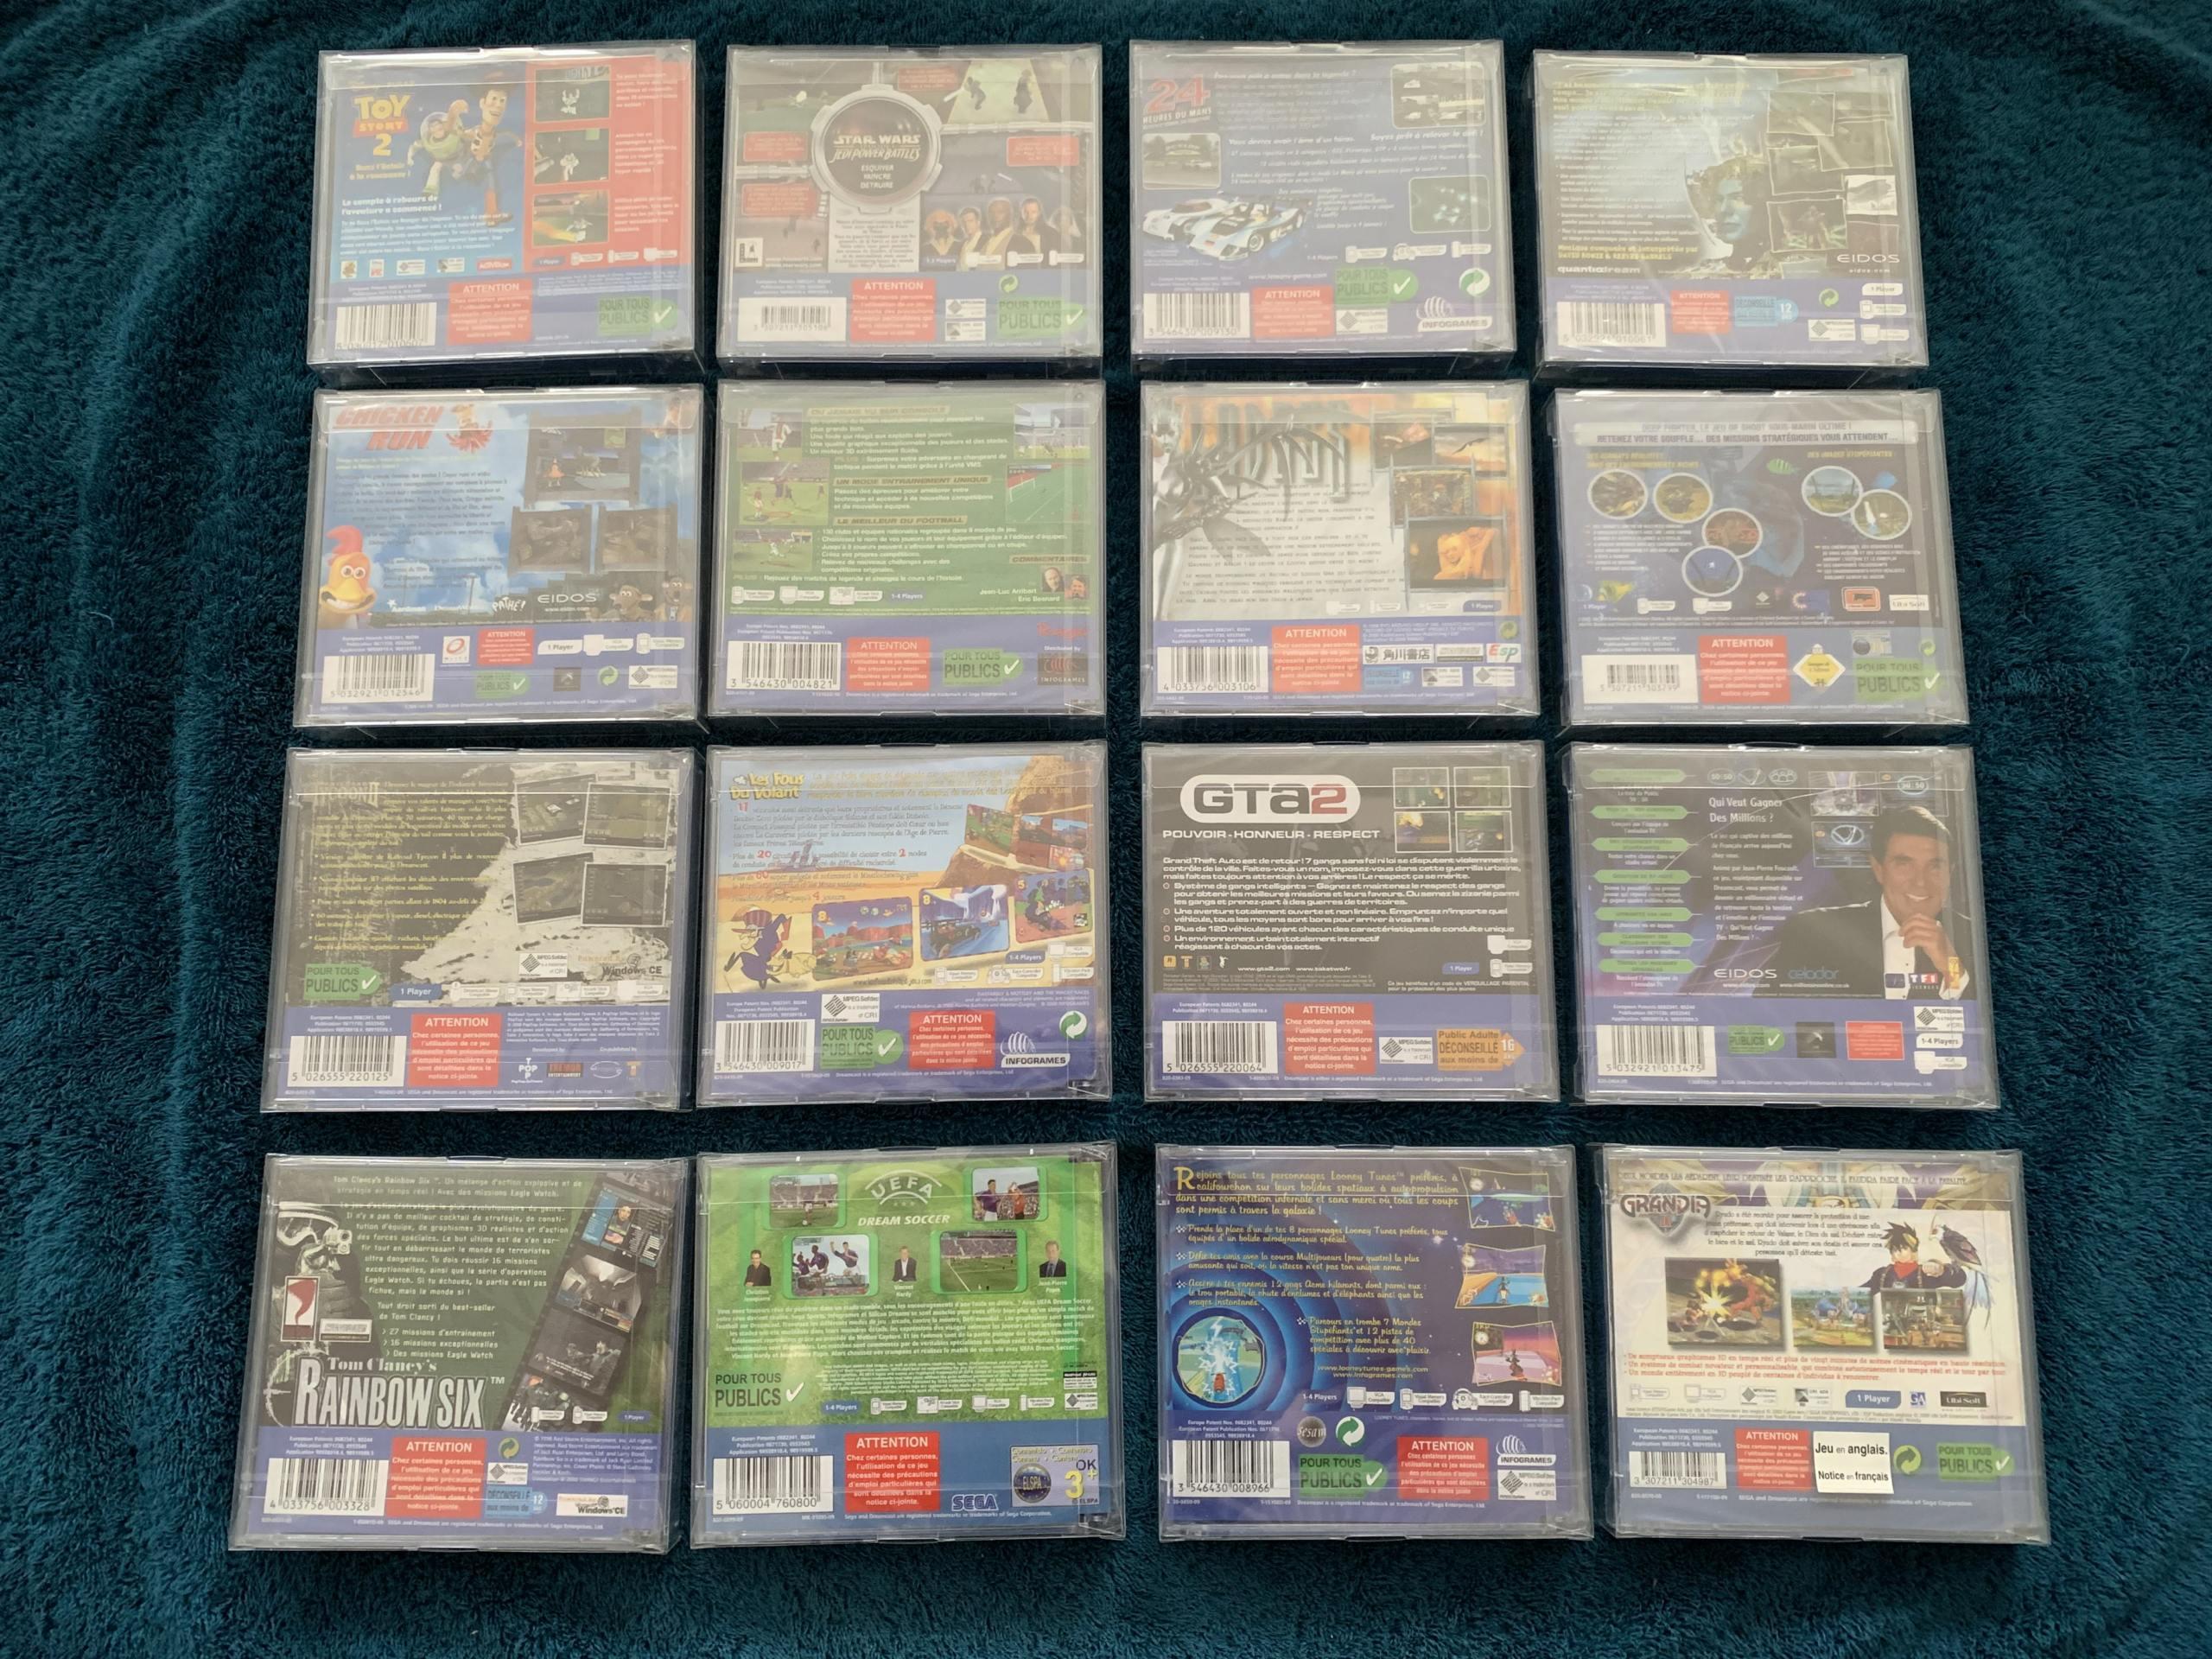 [VENDU] Fullset Jeux Dreamcast, Accessoires, Promo, Rigides... - 350 pièces - NEUF SOUS BLISTER 016_fu10